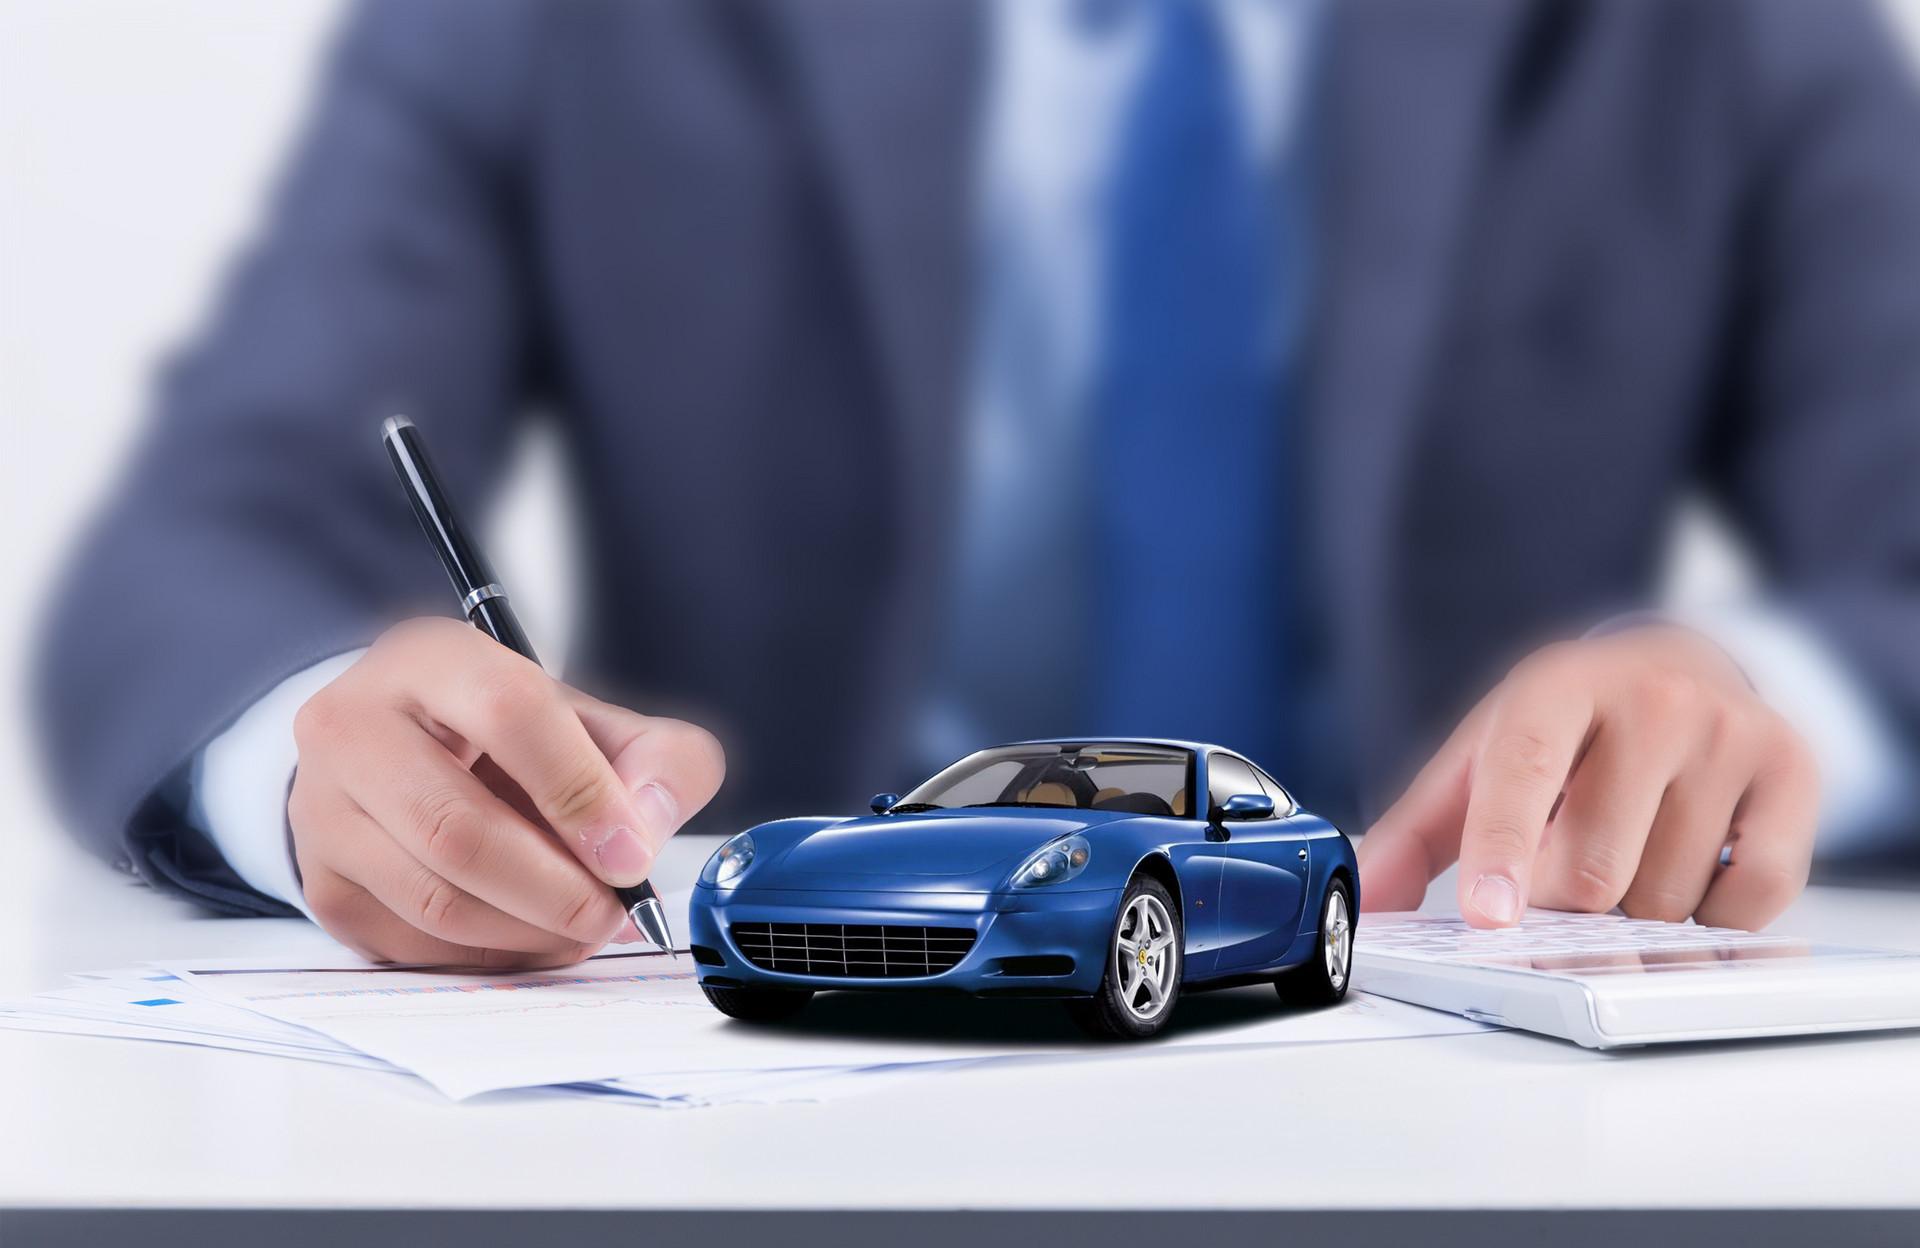 交通事故保险理赔项目有哪些?